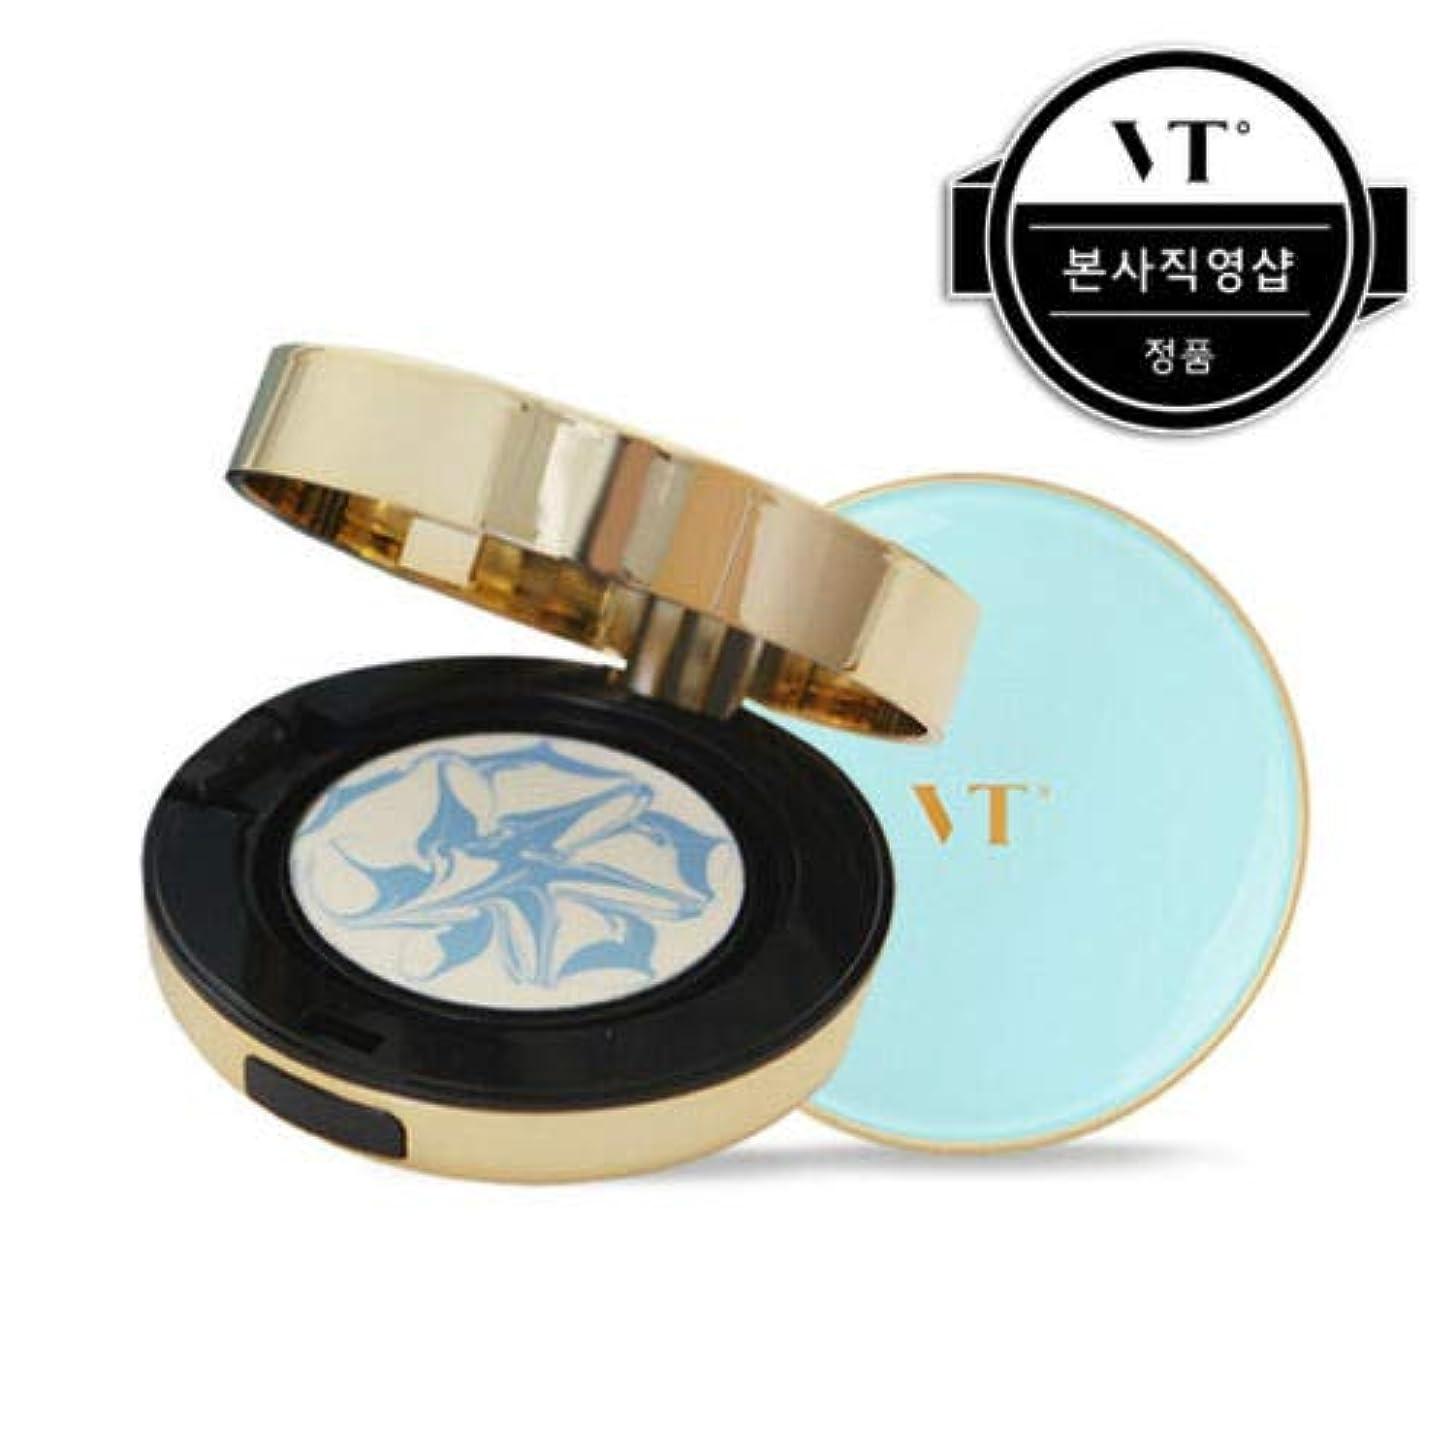 業界評価可能アルコールVT Cosmetic Essence Sun Pact エッセンス サン パクト 本品11g + リフィール 11g, SPF50+/PA+++